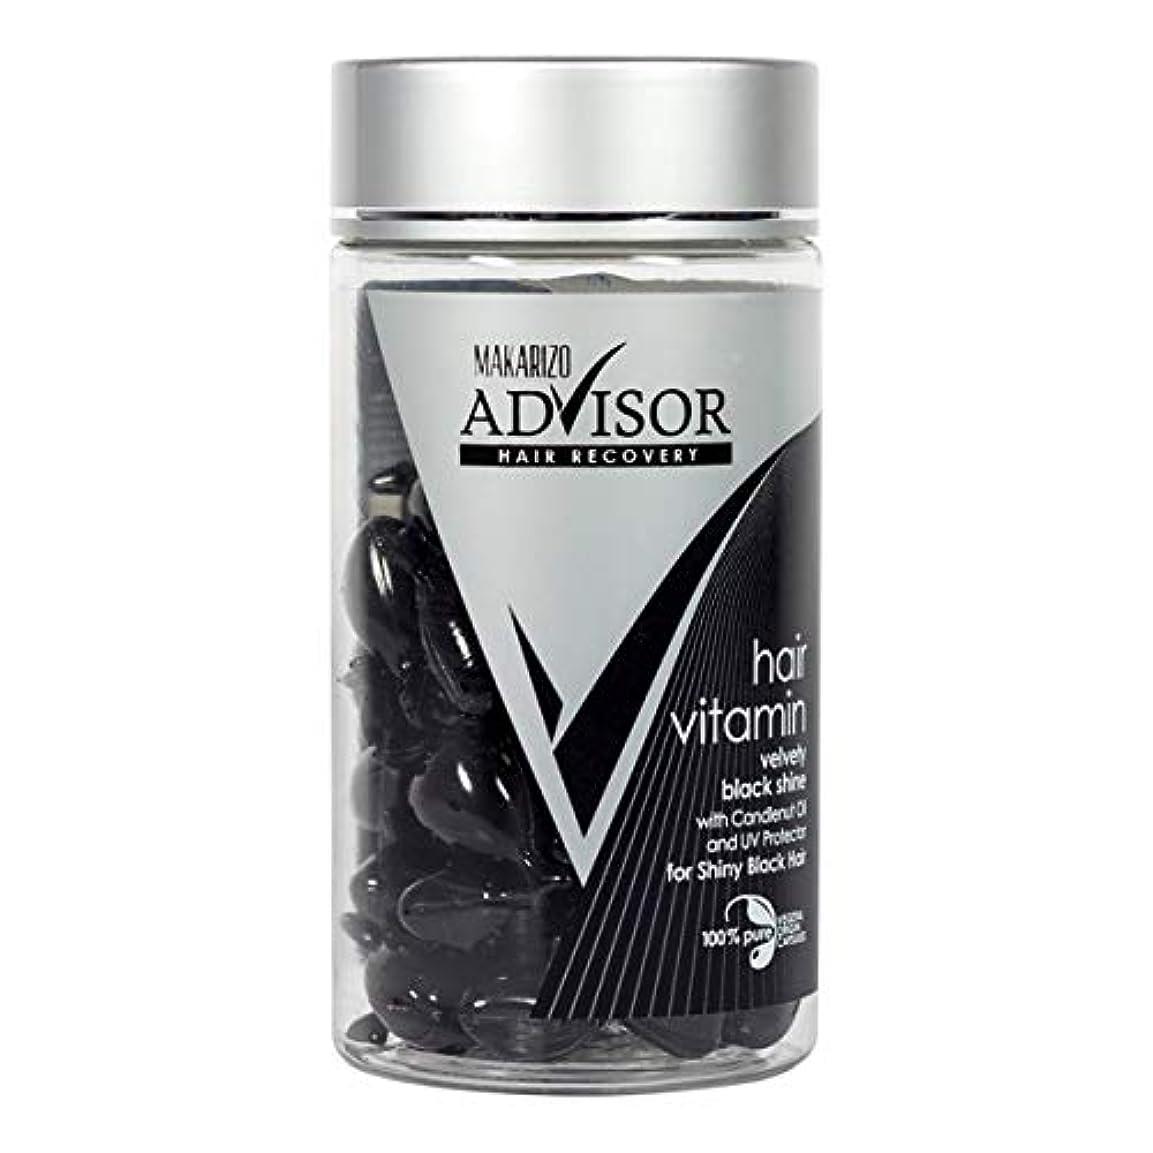 進捗調整するポーンMAKARIZO マカリゾ Advisor アドバイザー Hair Vitamin ヘアビタミン 50粒入ボトル Velvety Black Shine ブラック [海外直送品]